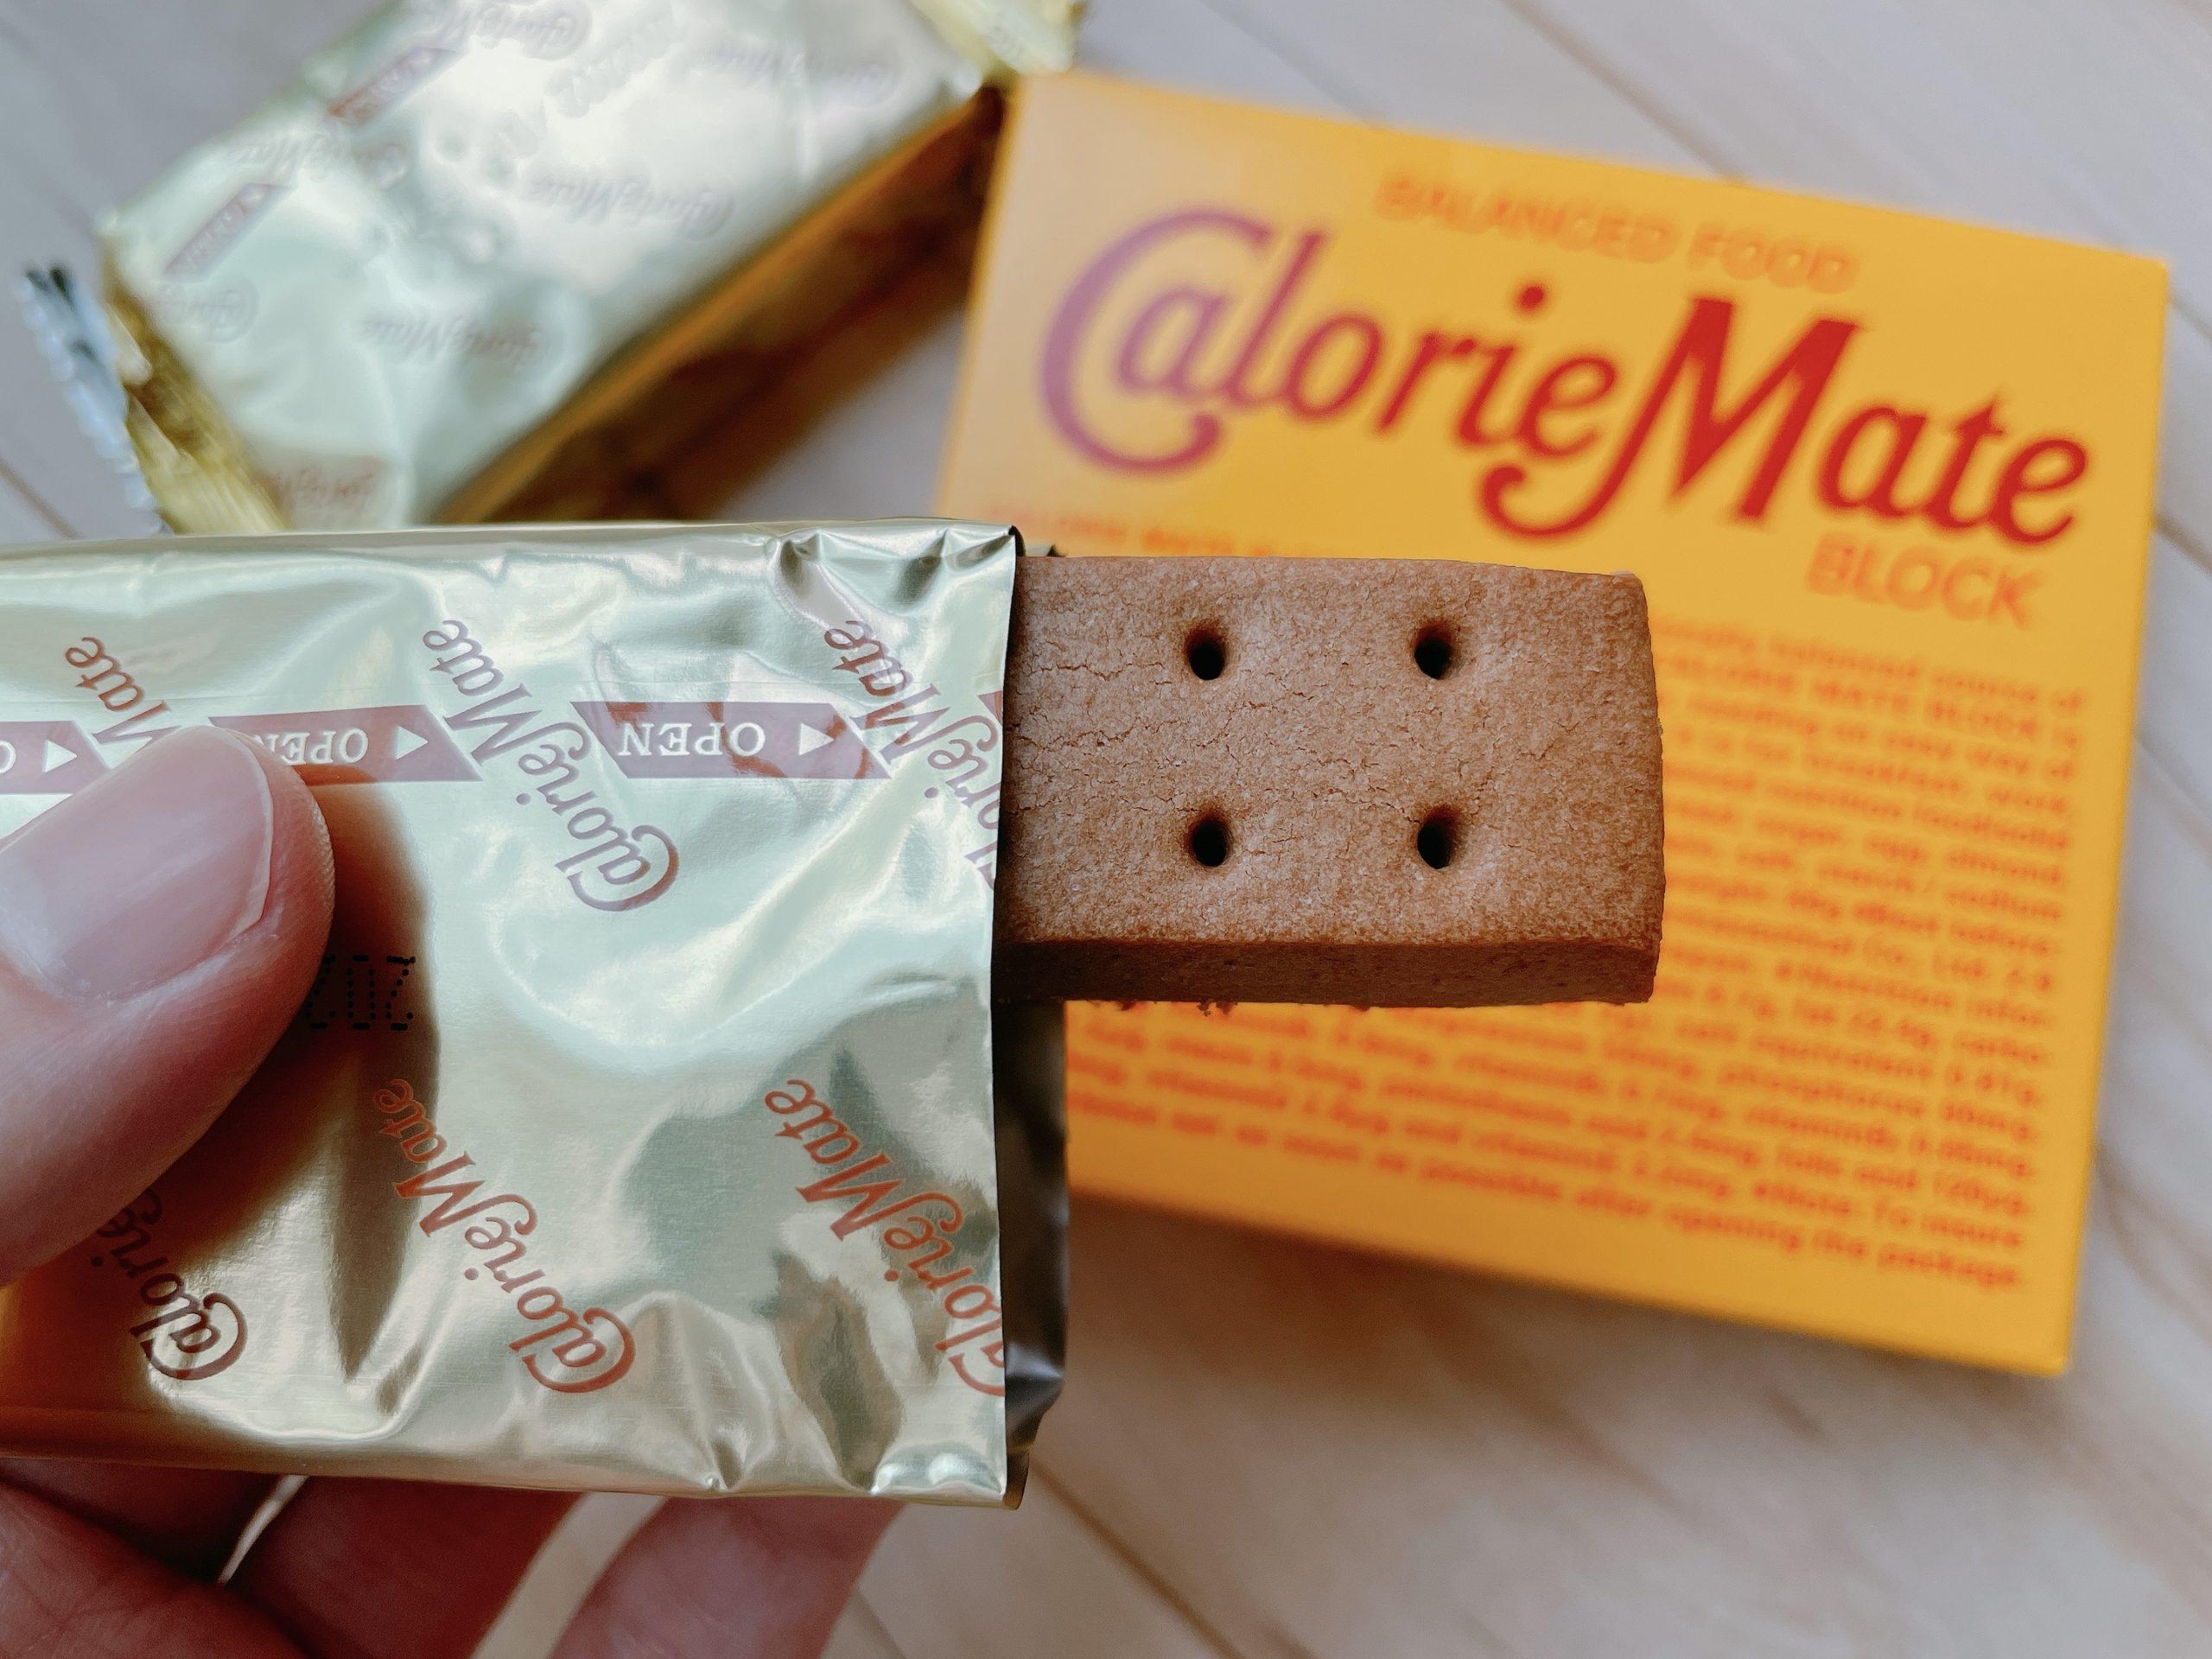 カロリーメイト ブロック チョコレート味の香りが好きです